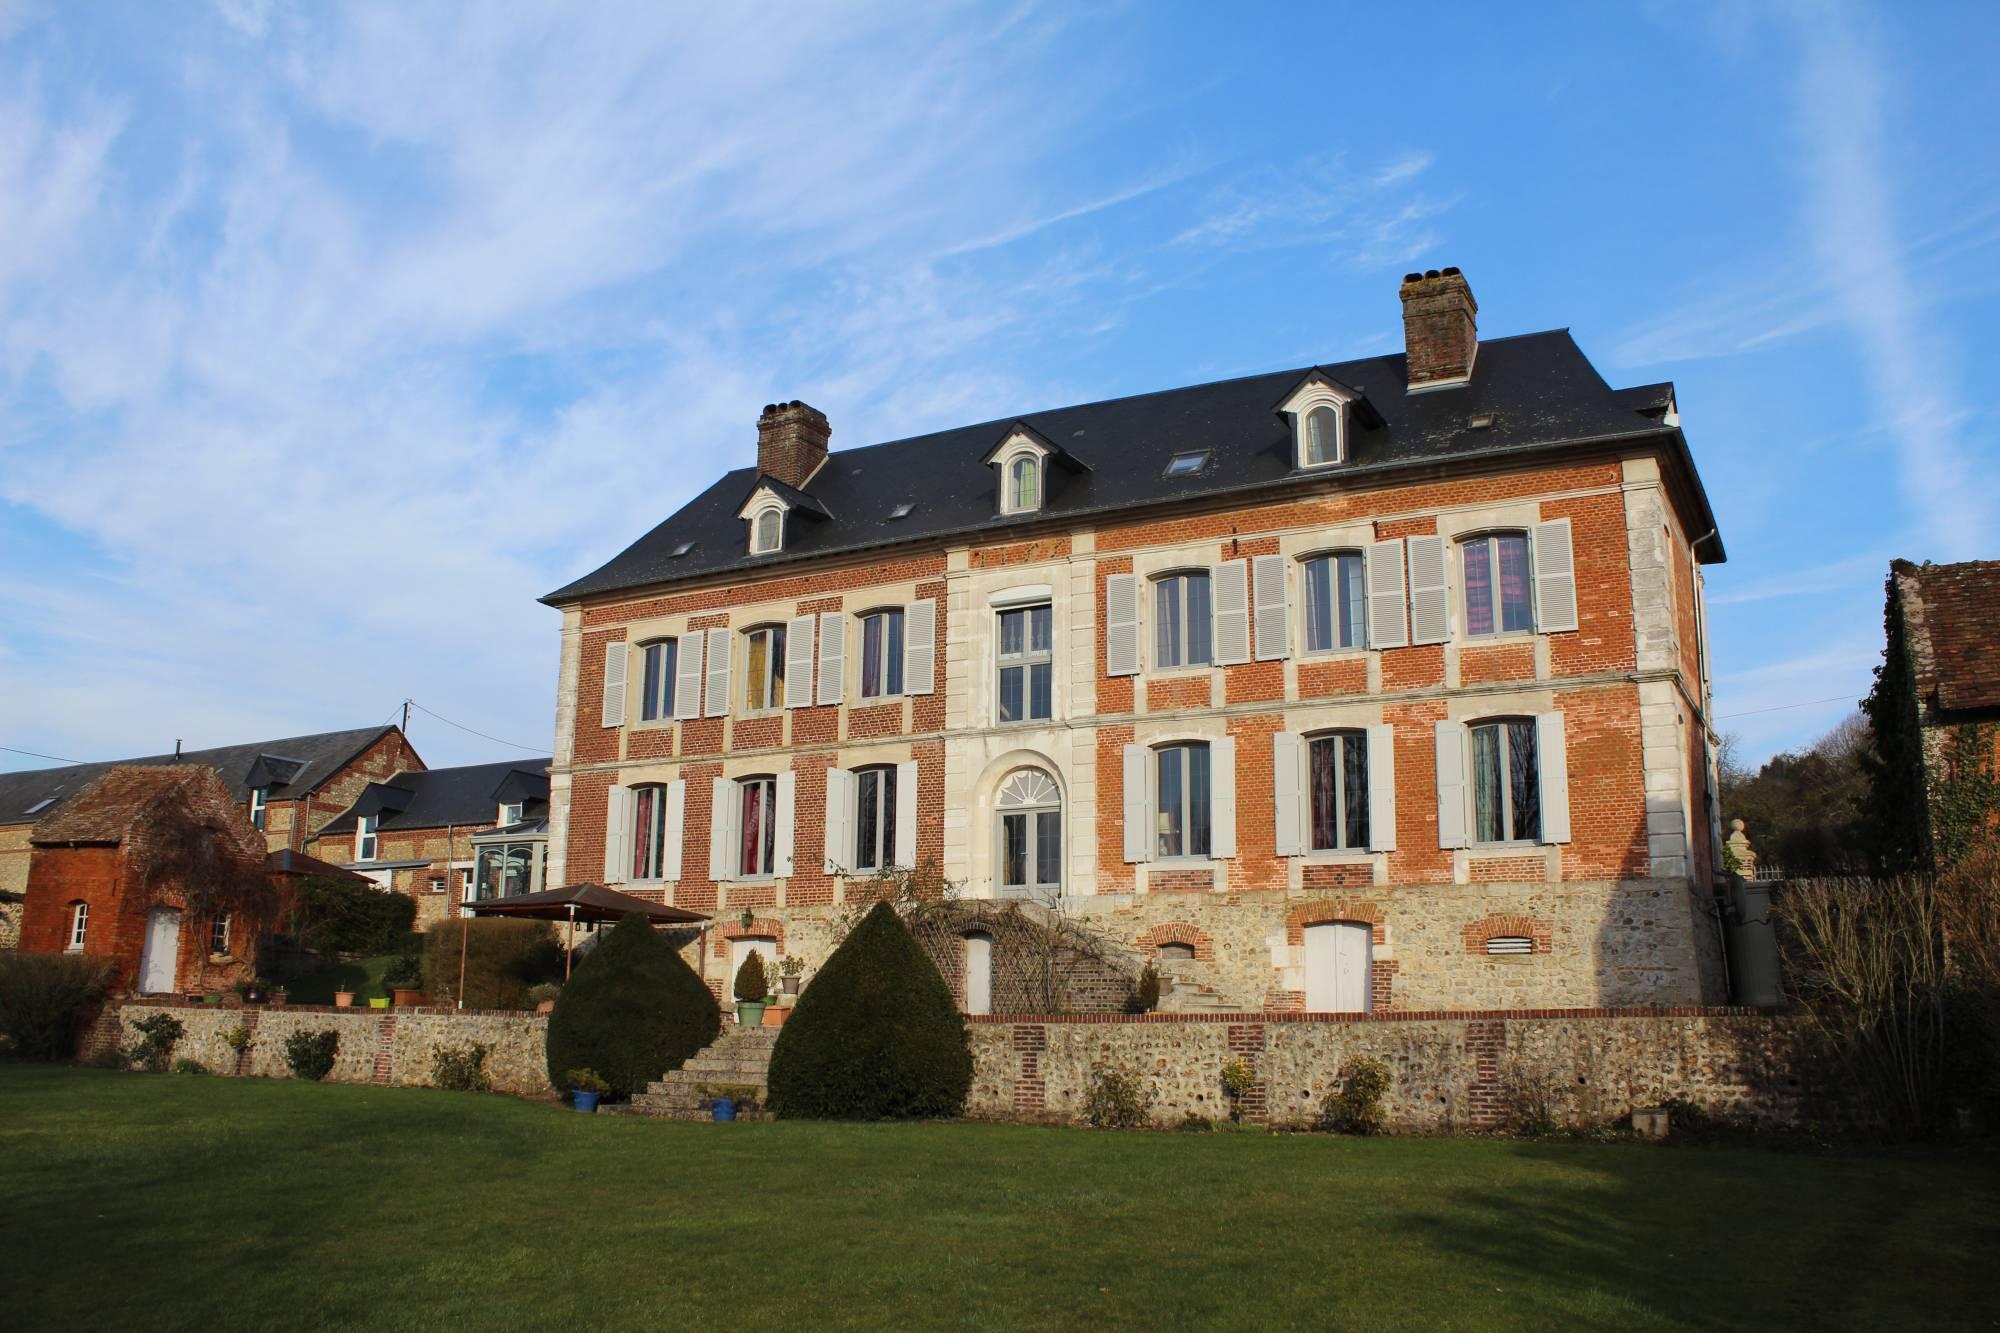 A vendre maison de maître du XVIIIème siècle avec parc paysagé de1Ha 60a en Normandie